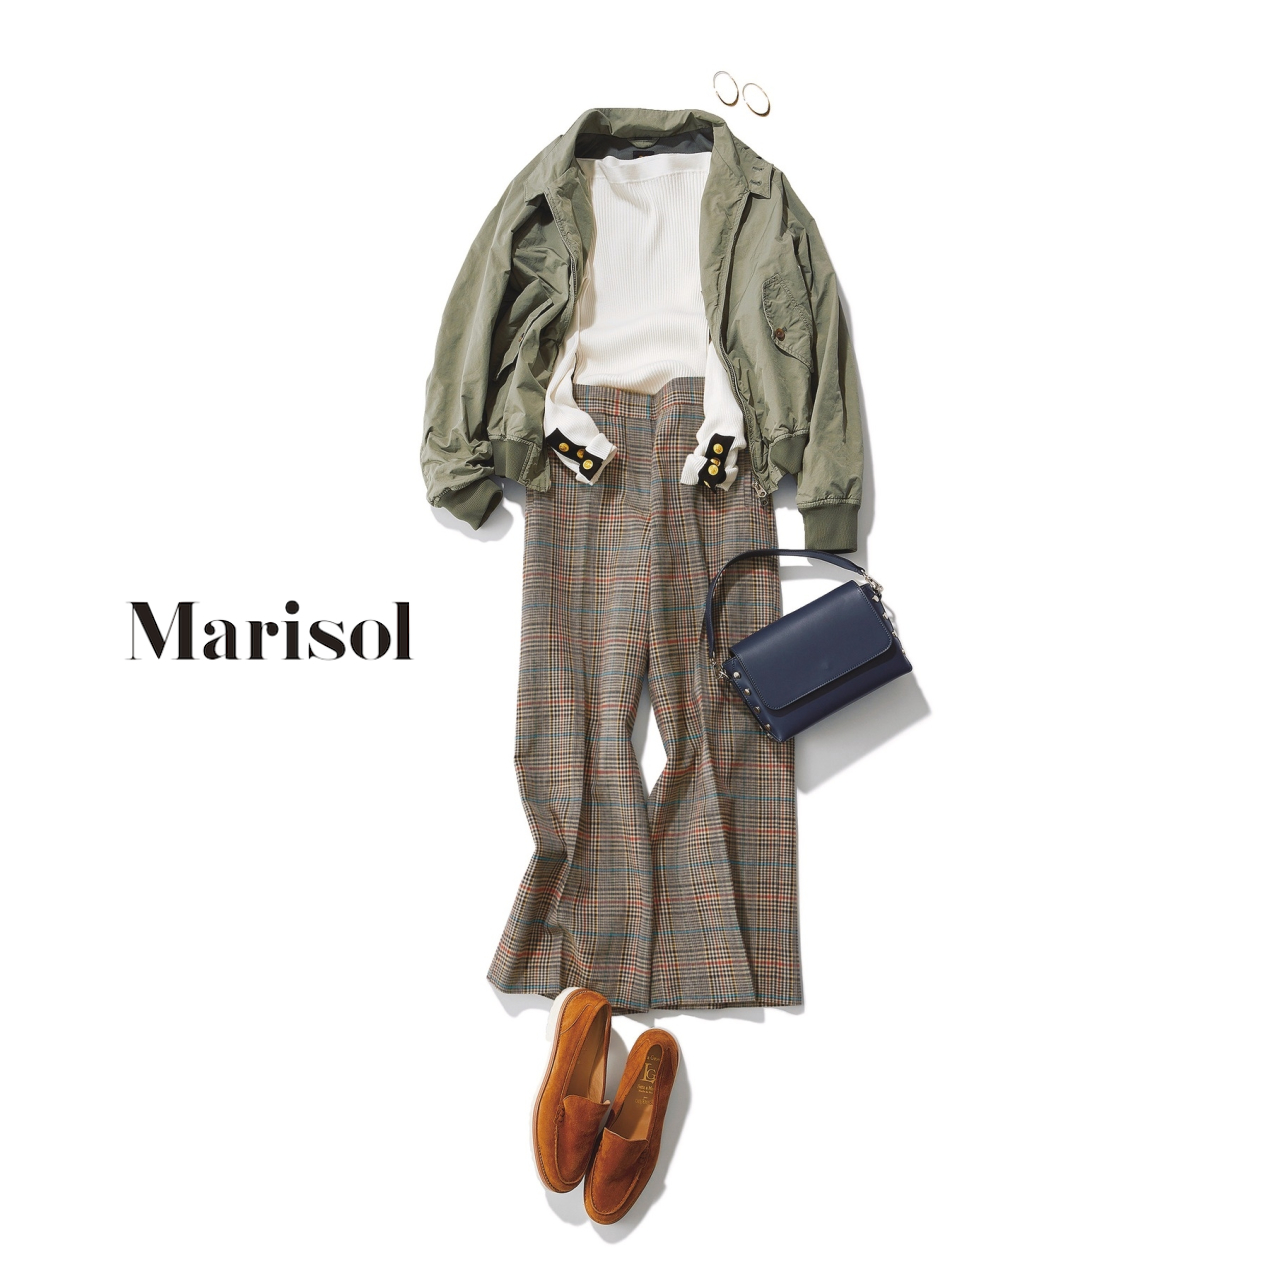 40代ファッション ミリタリーブルゾン×チェックパンツコーデ